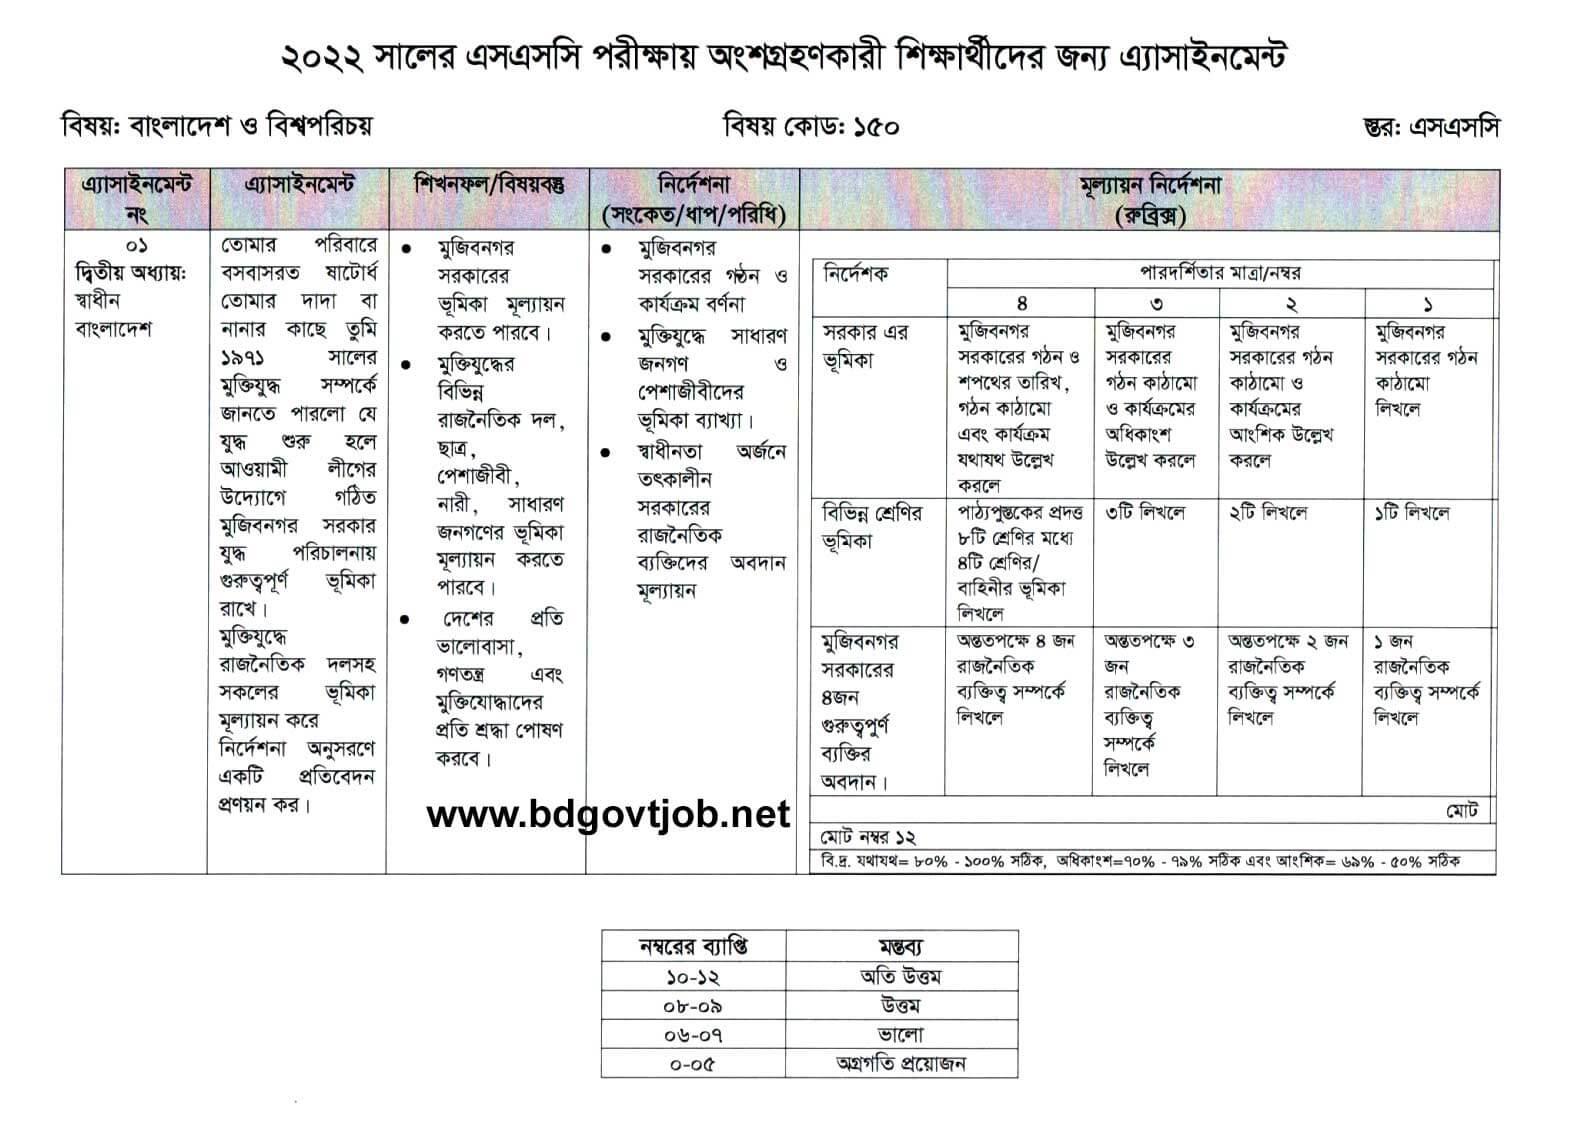 Class 10 BGS Assignment 2nd Week 2021